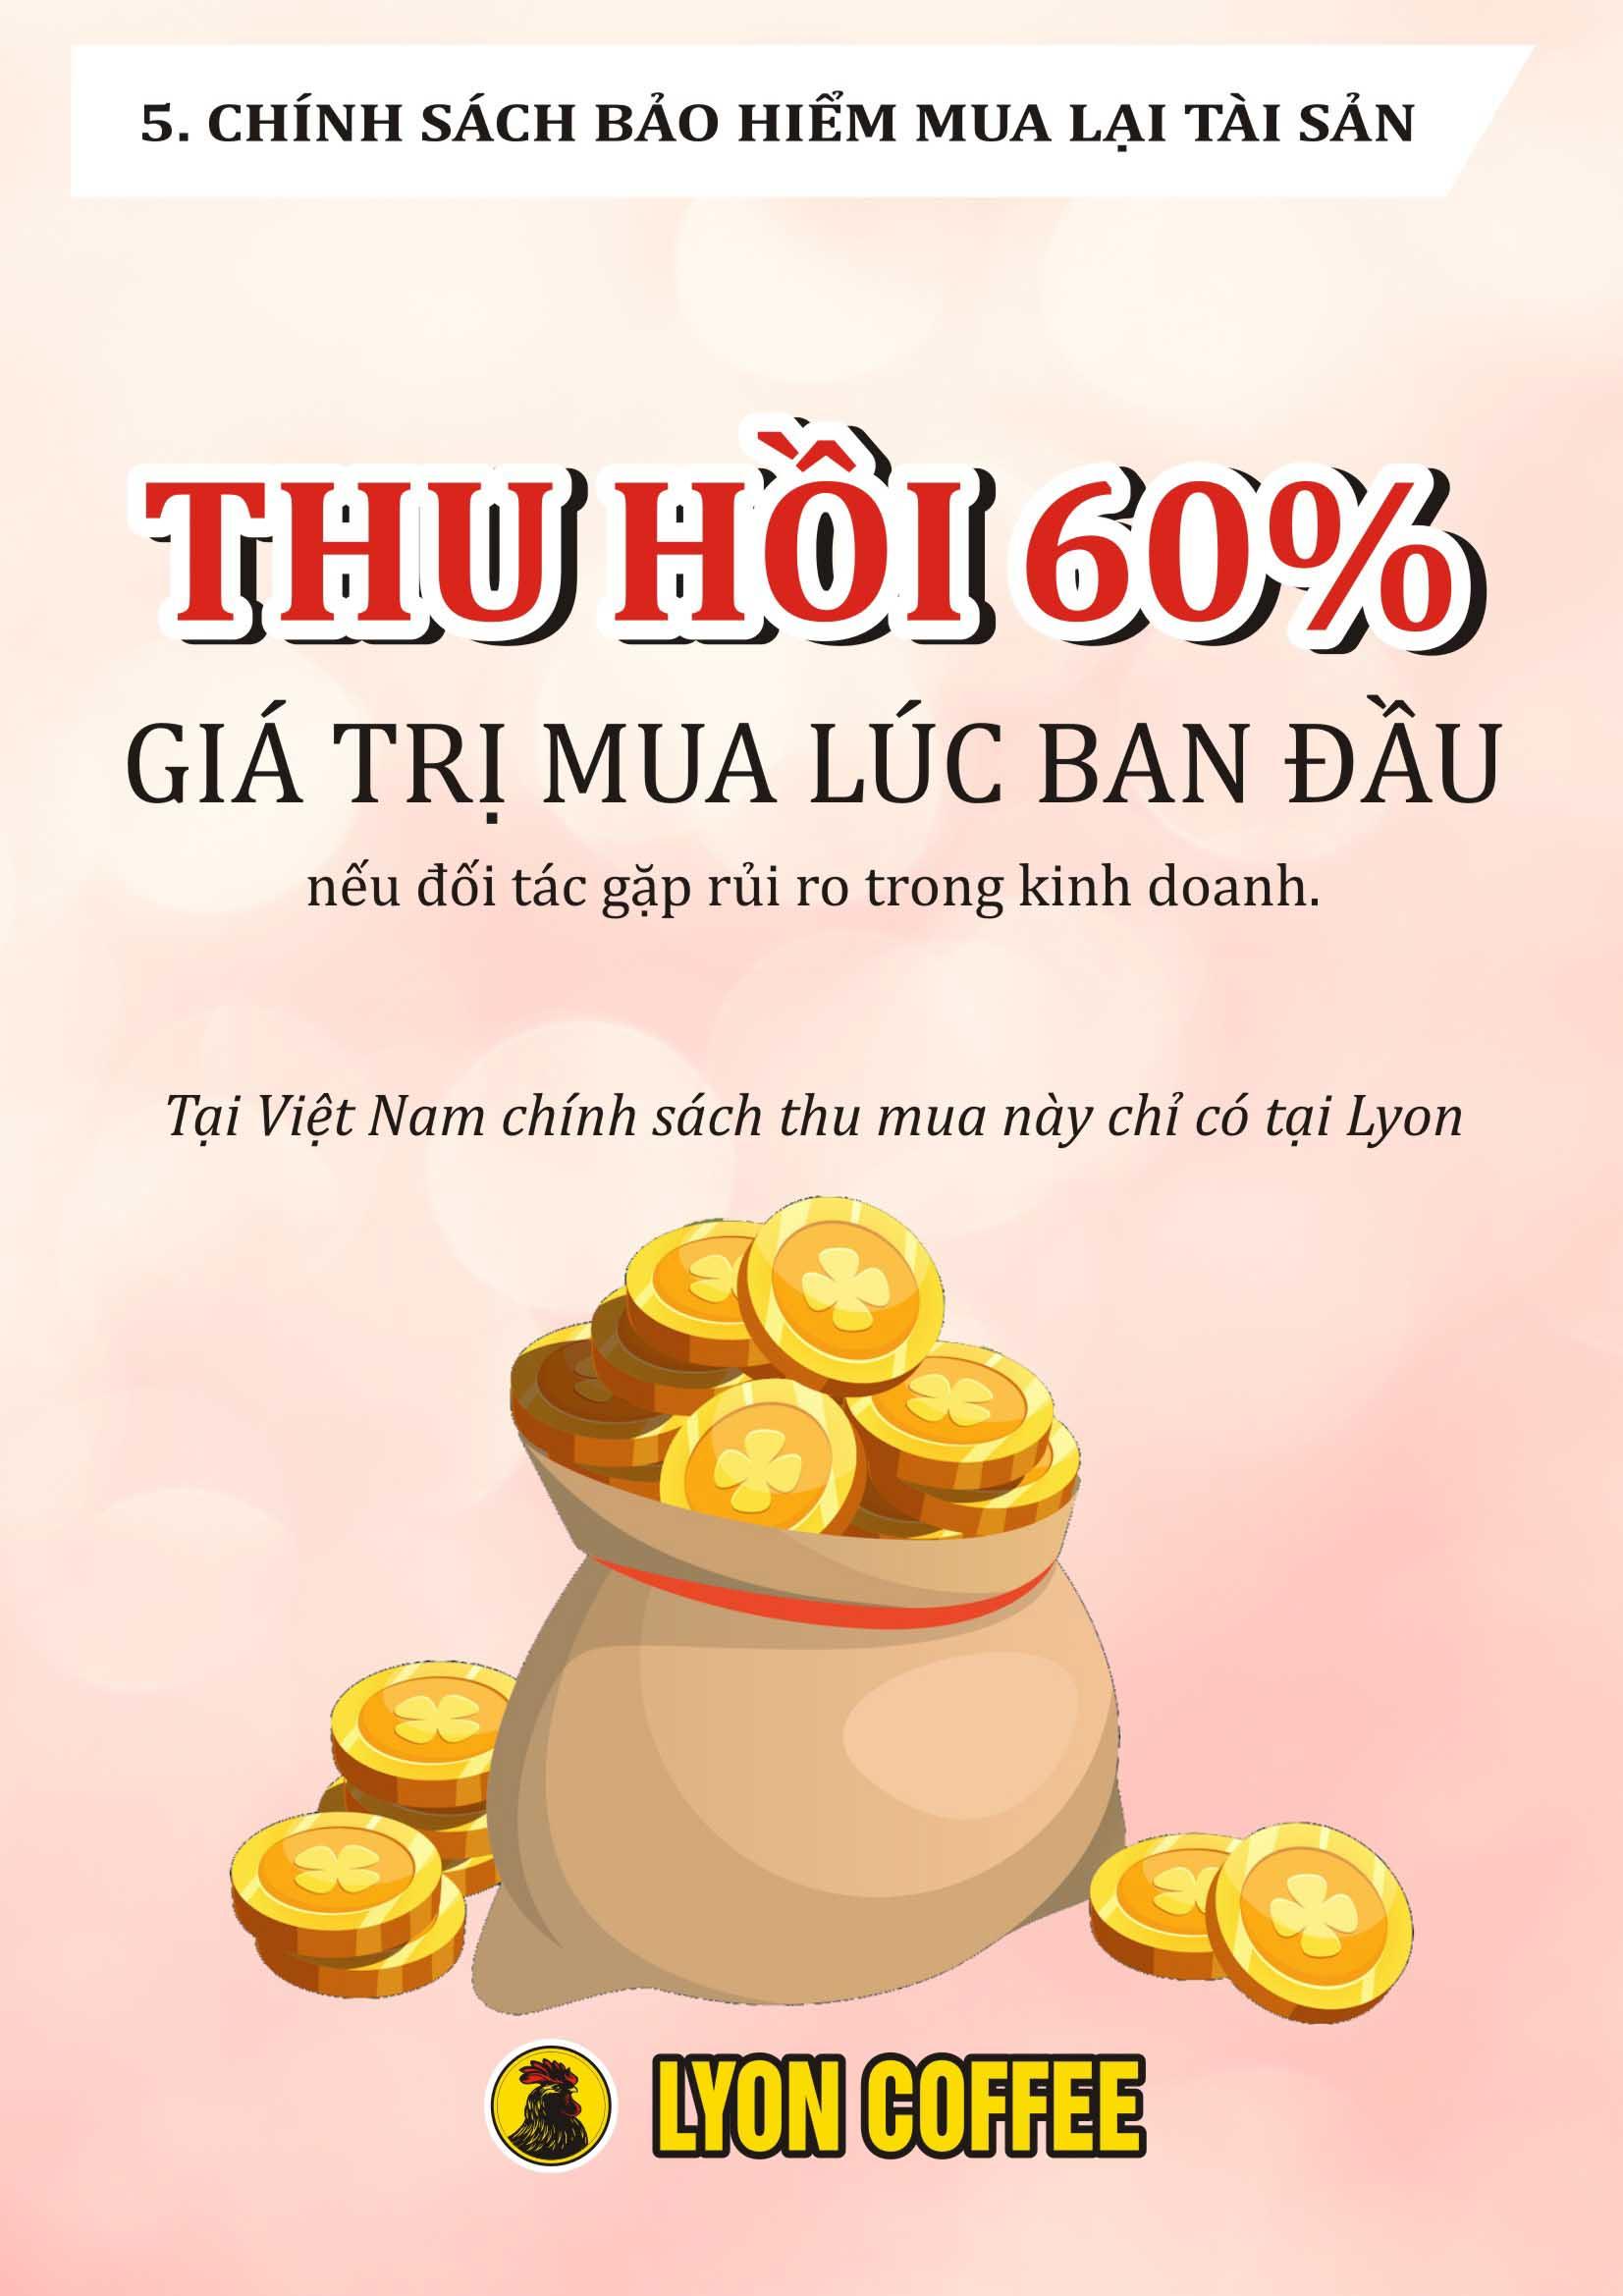 Tại Việt Nam, chỉ có tại Lyon Coffee mới có chính sách mua lại 60%